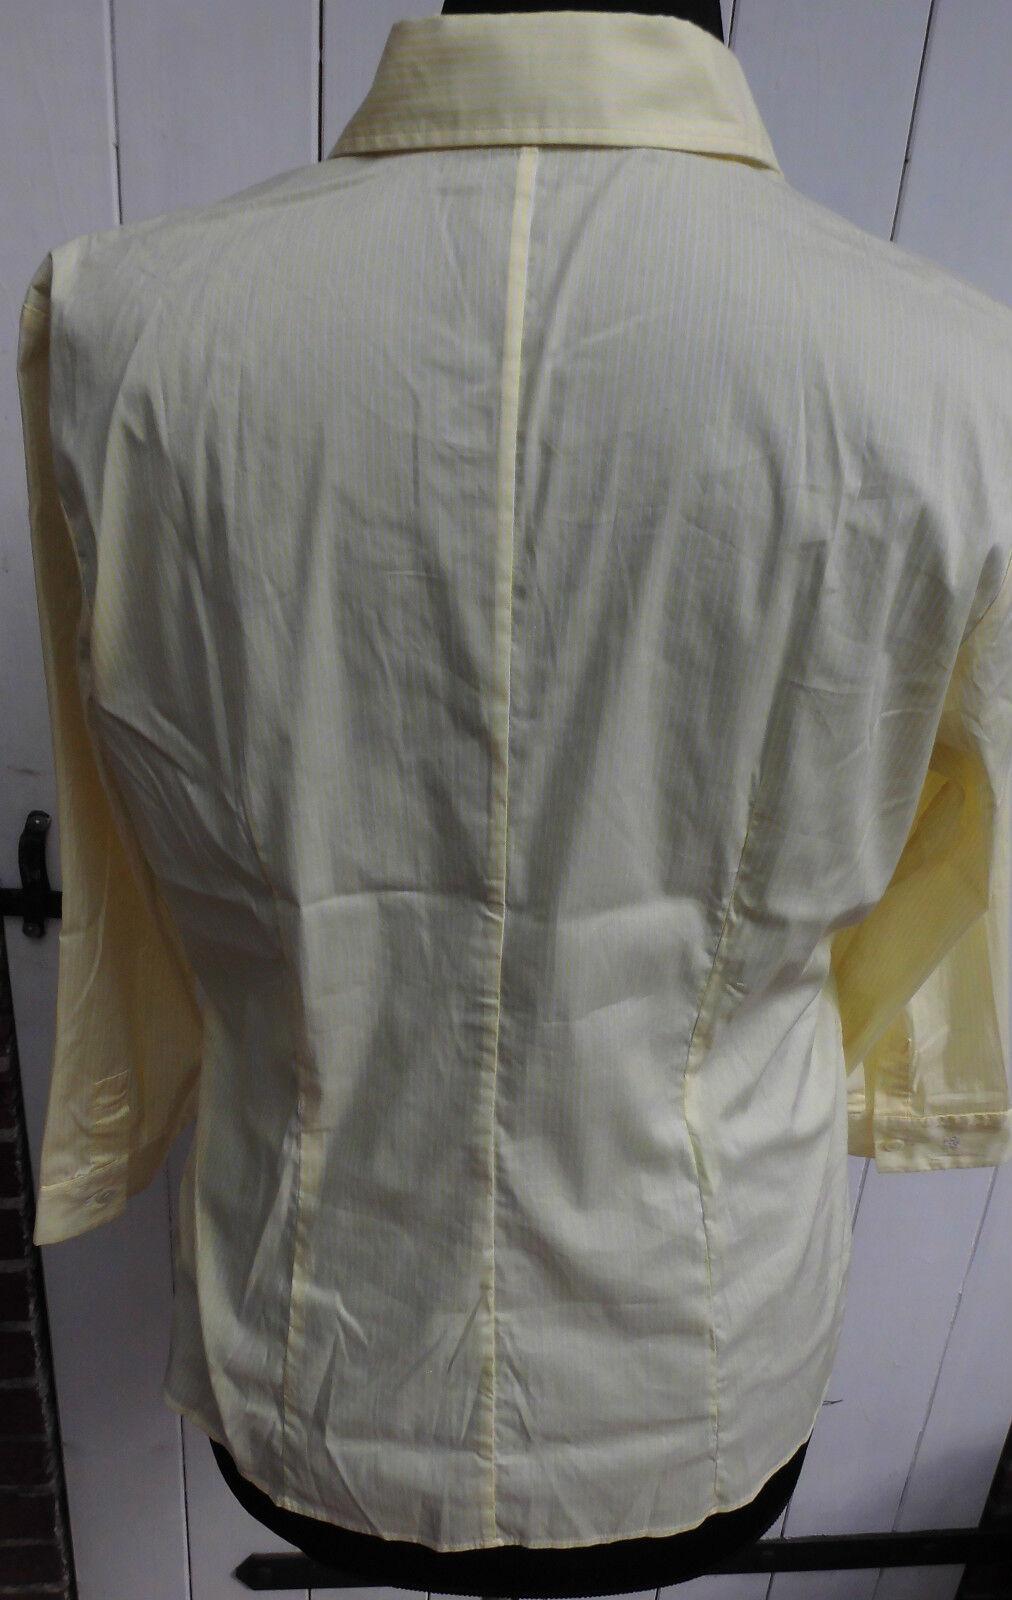 Camicia - 3 4 Maniche Lunghe Lunghe Lunghe Van Laack MIS. 44-modello Pixies-Giallo-Bianco-Merce Nuova 920646